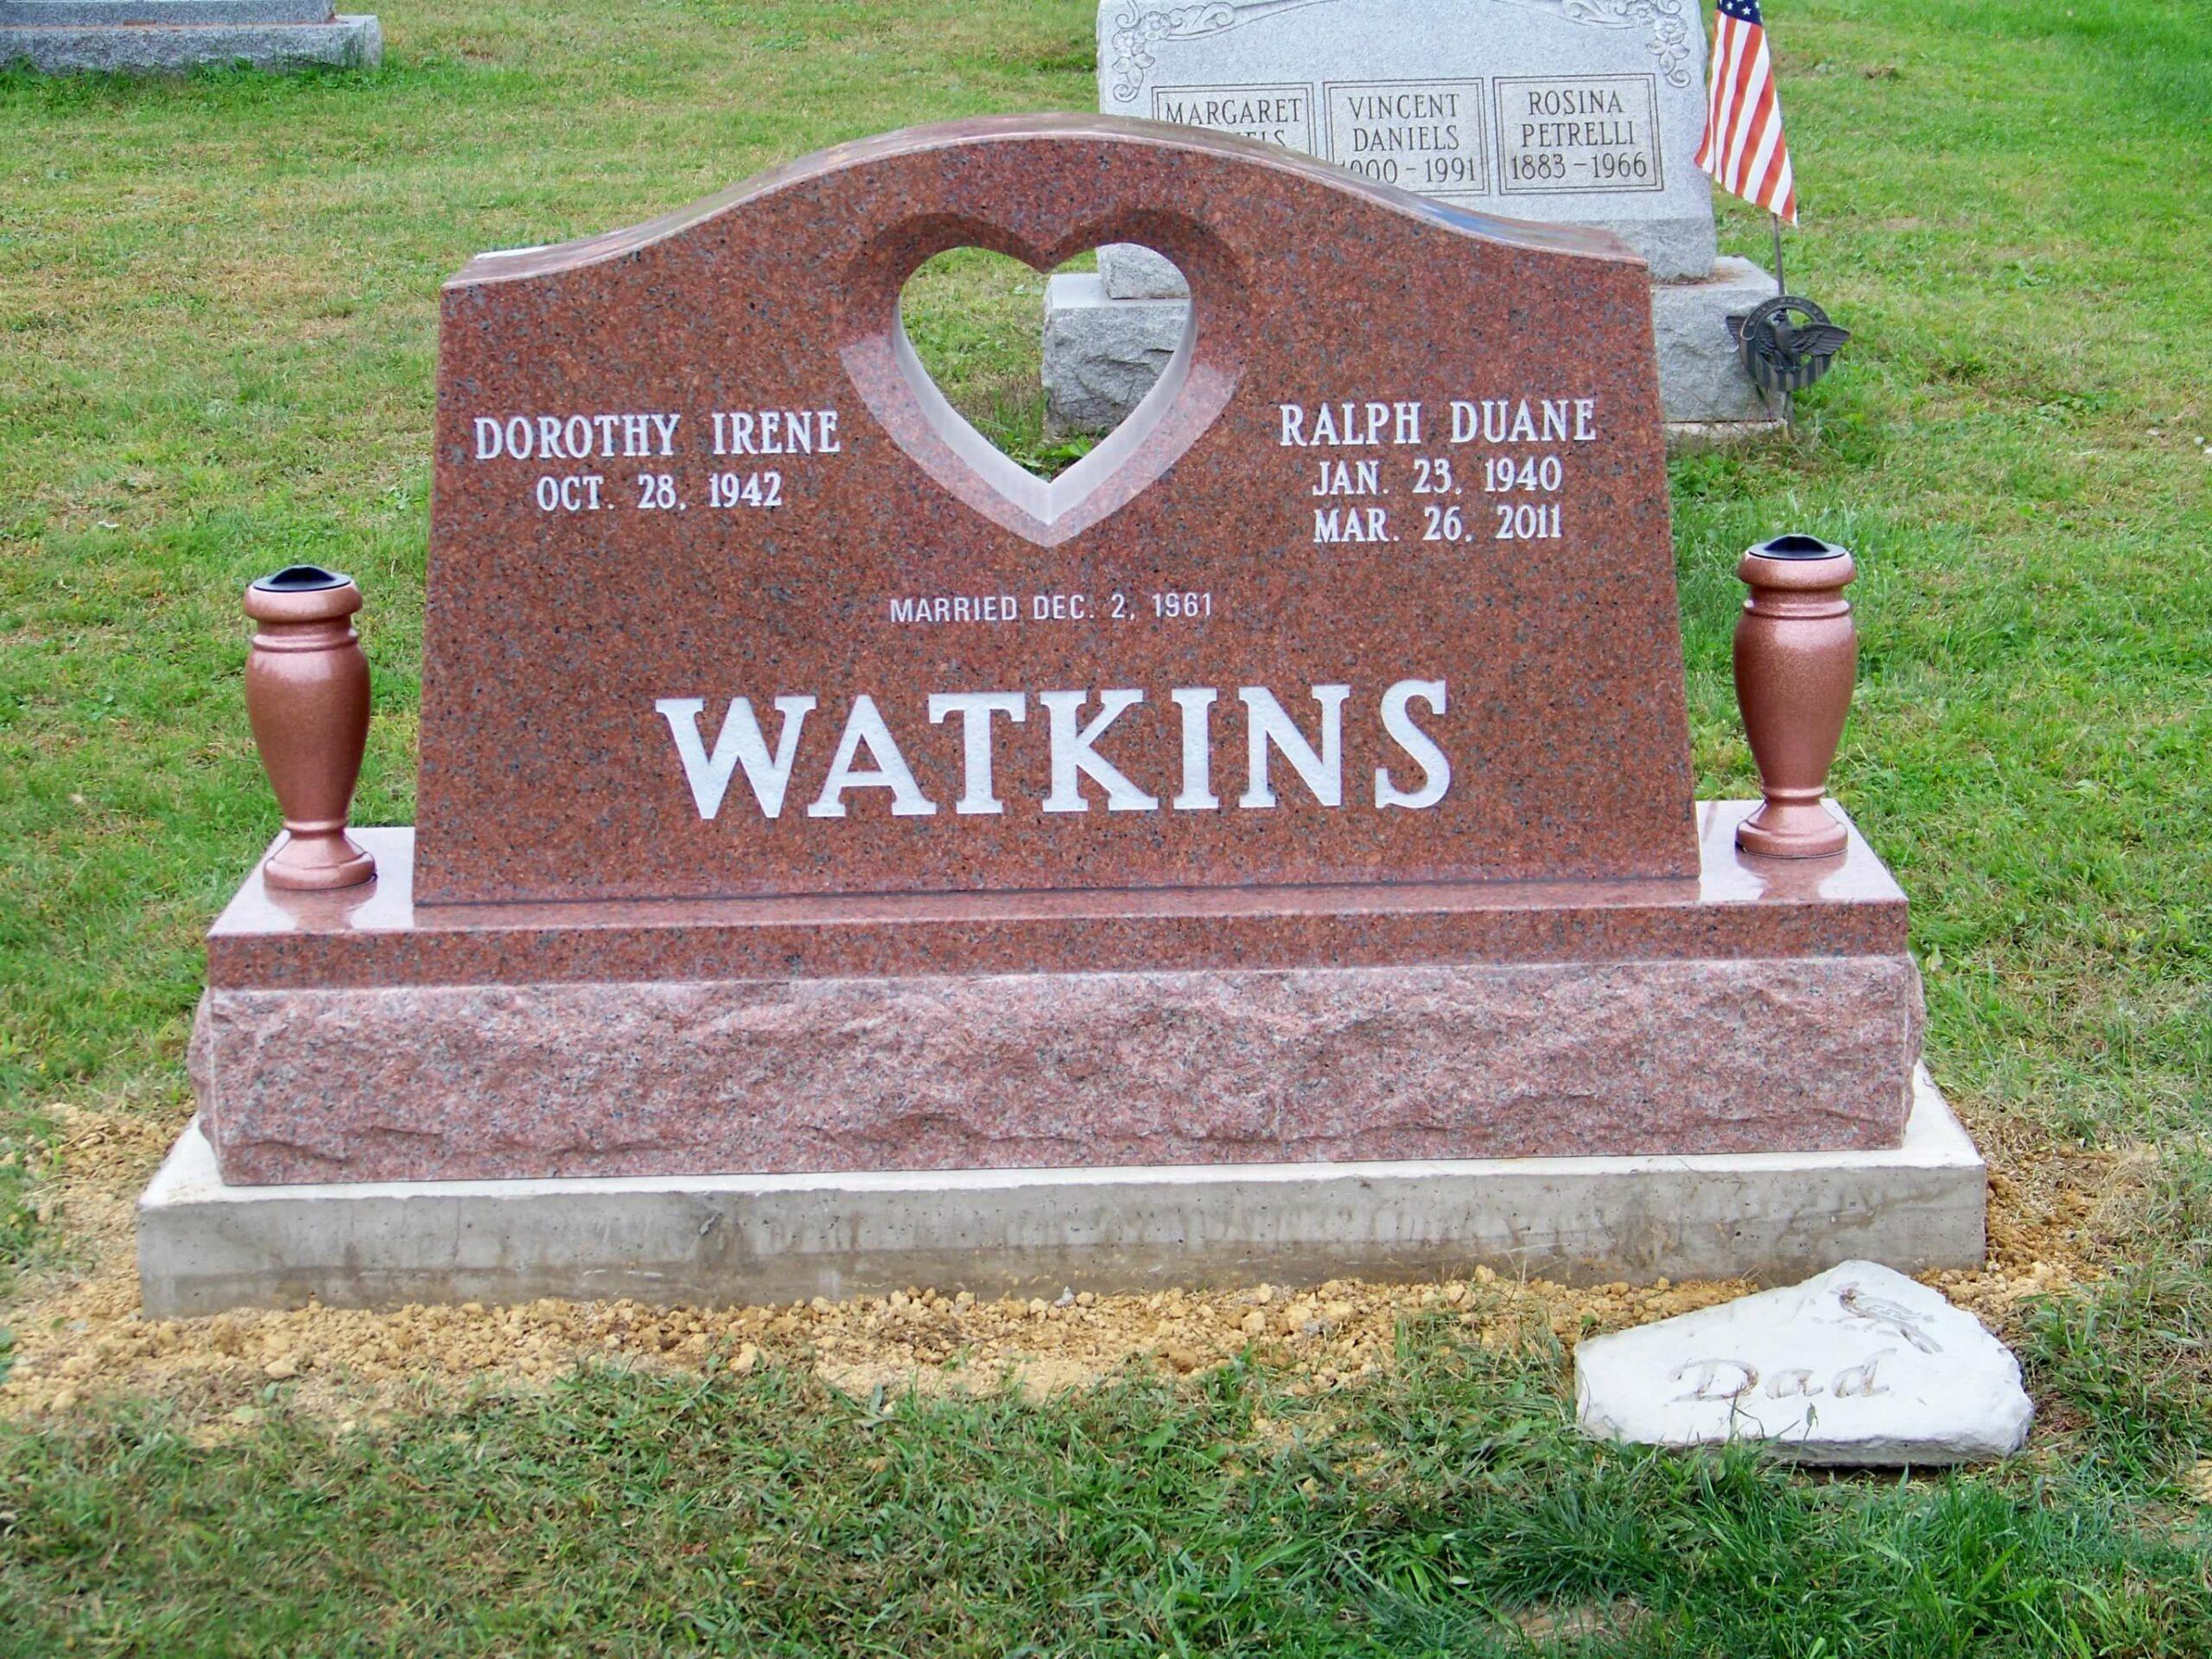 Watkins, Dorothy Irene